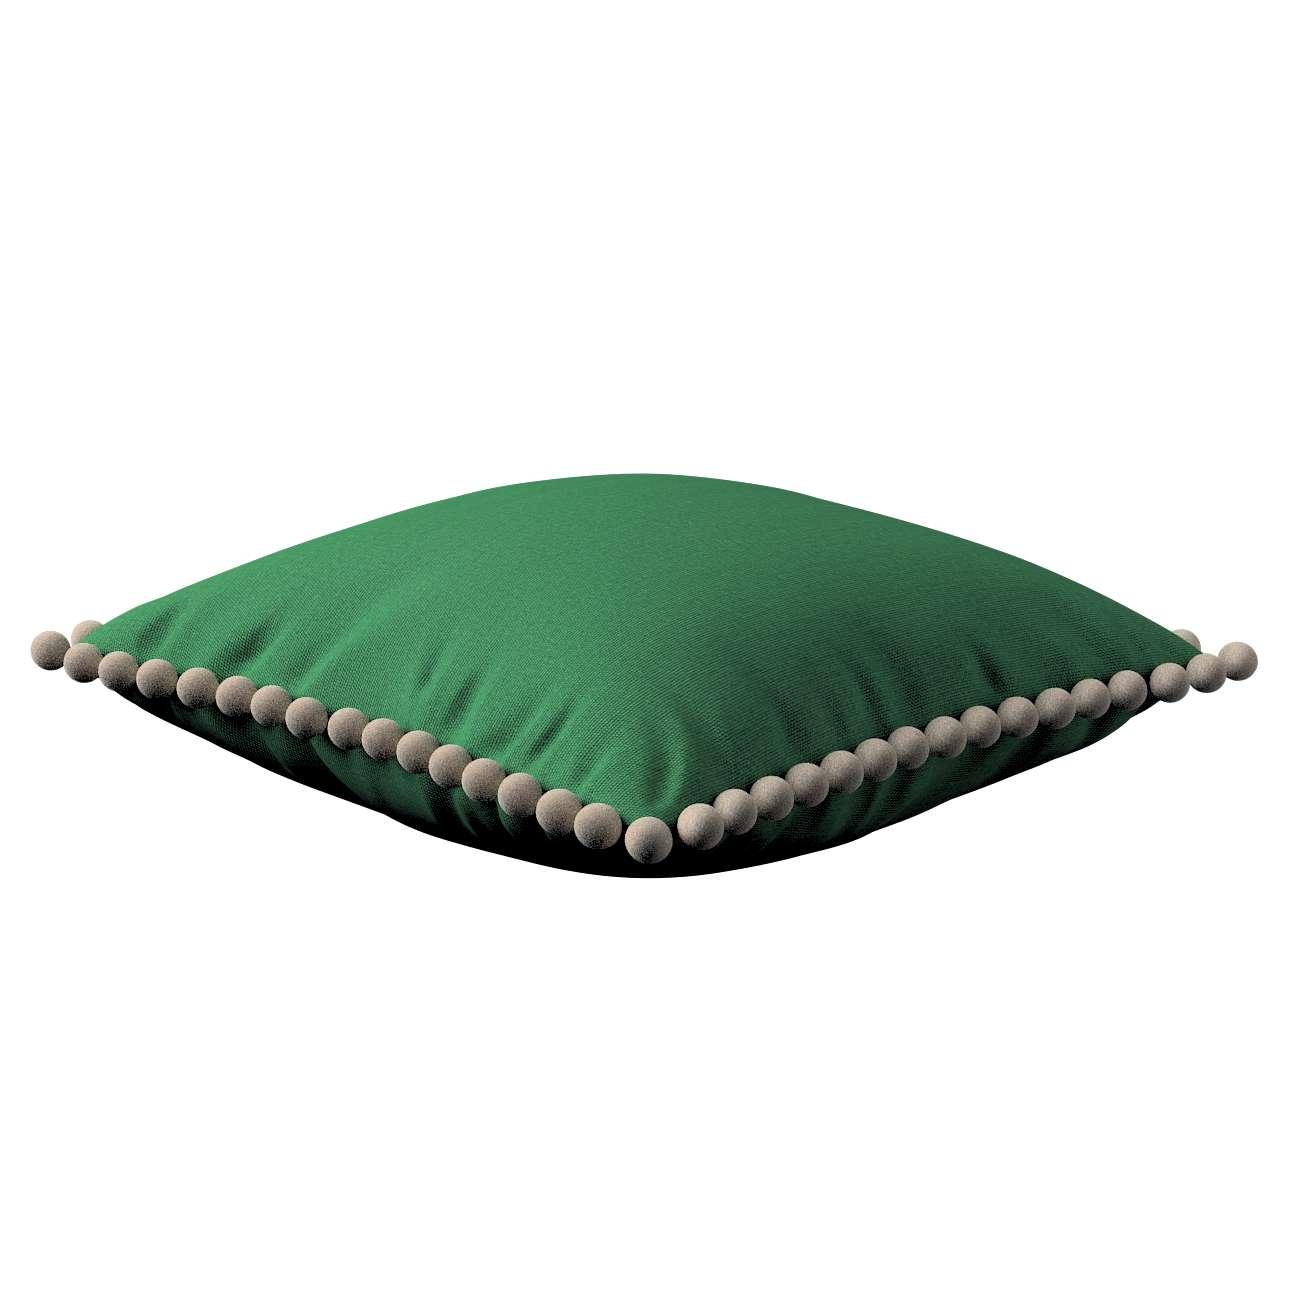 Wera dekoratyvinės pagalvėlės užvalkalas su žaismingais kraštais kolekcijoje Loneta , audinys: 133-18